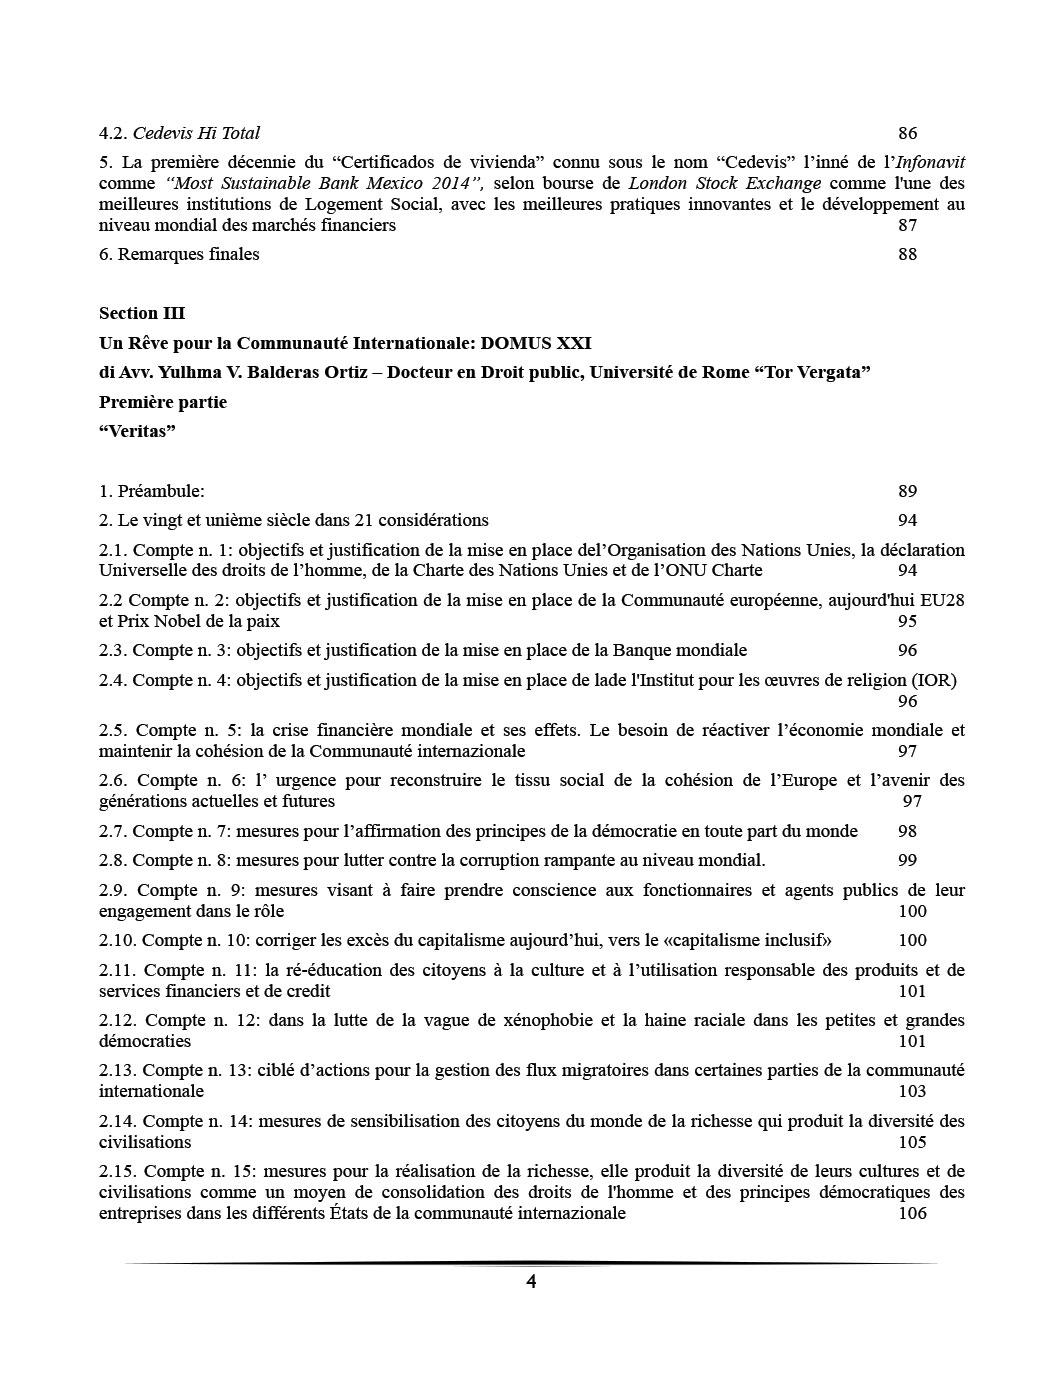 TRADUZIONE-FRANCESE-DOMUS-XXI-GENNAIO-2016-4